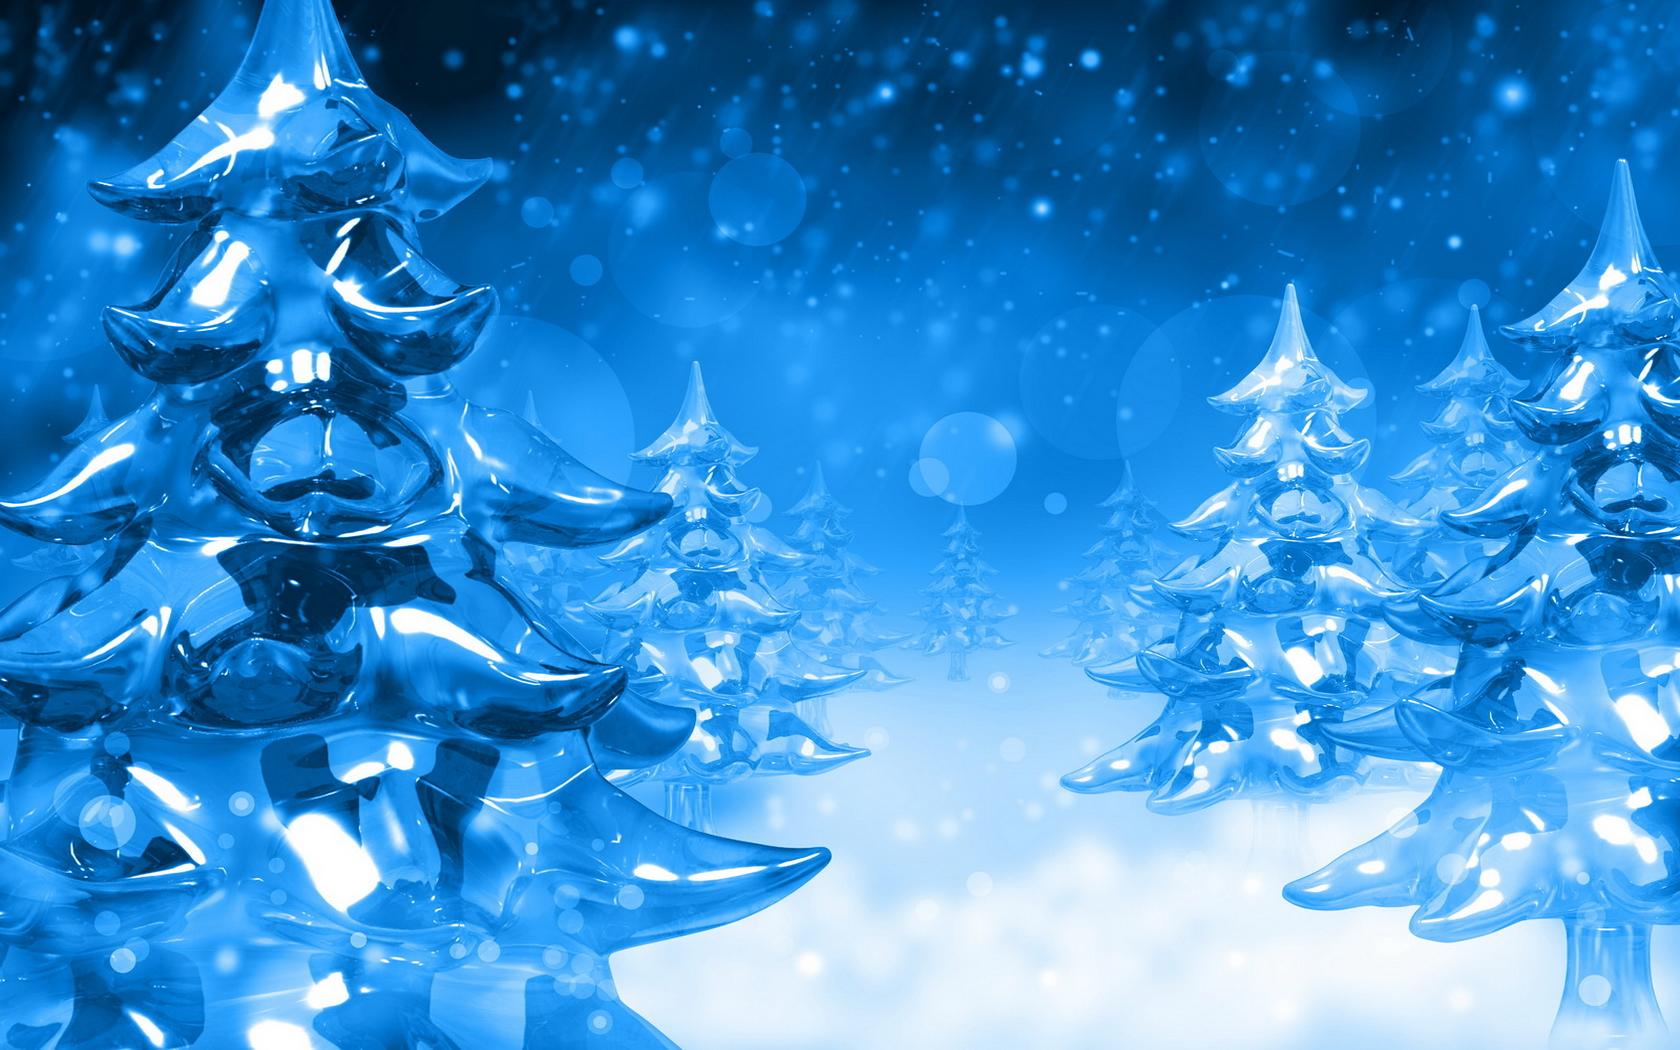 Christmas Screensavers 1680x1050